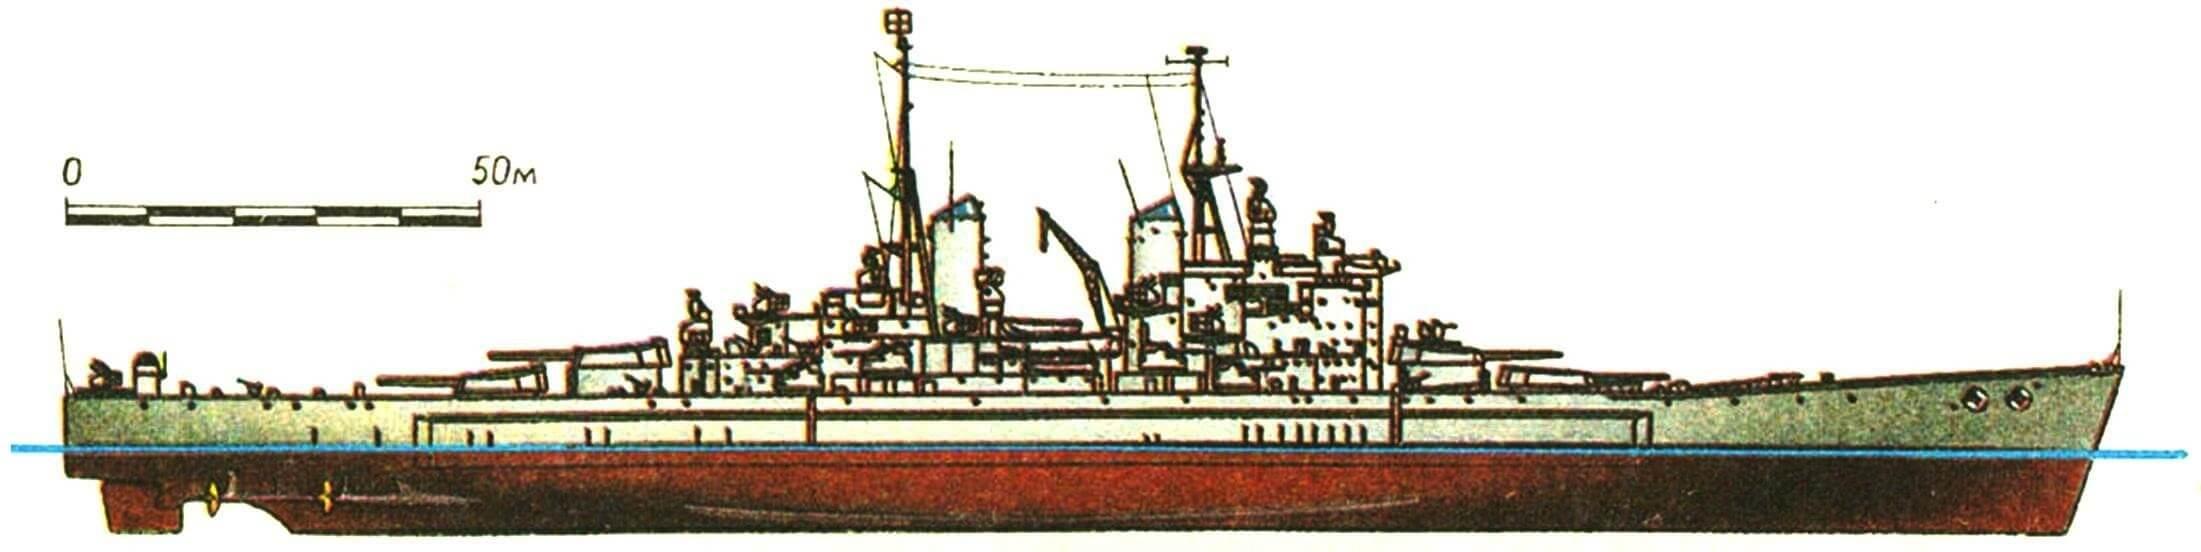 222. Линейный корабль «ВЭНГАРД», Англия, 1945 г.